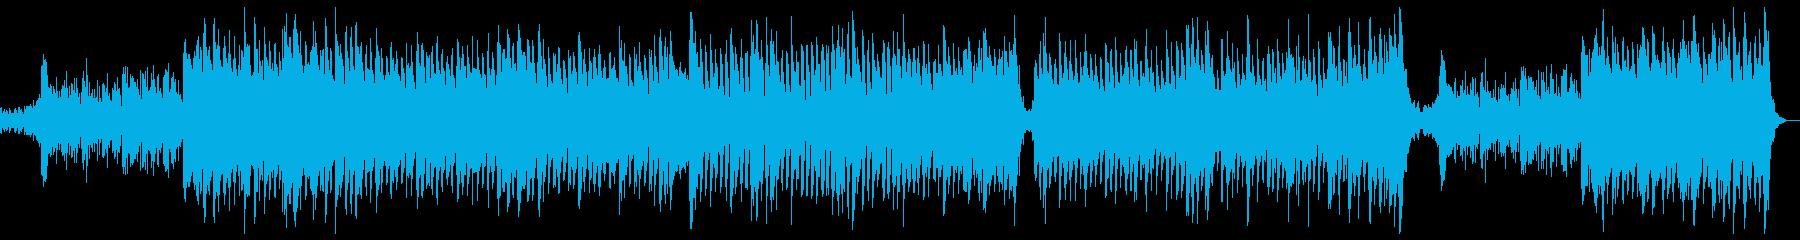 明るく華やかポップオーケストラ:ブラス抜の再生済みの波形